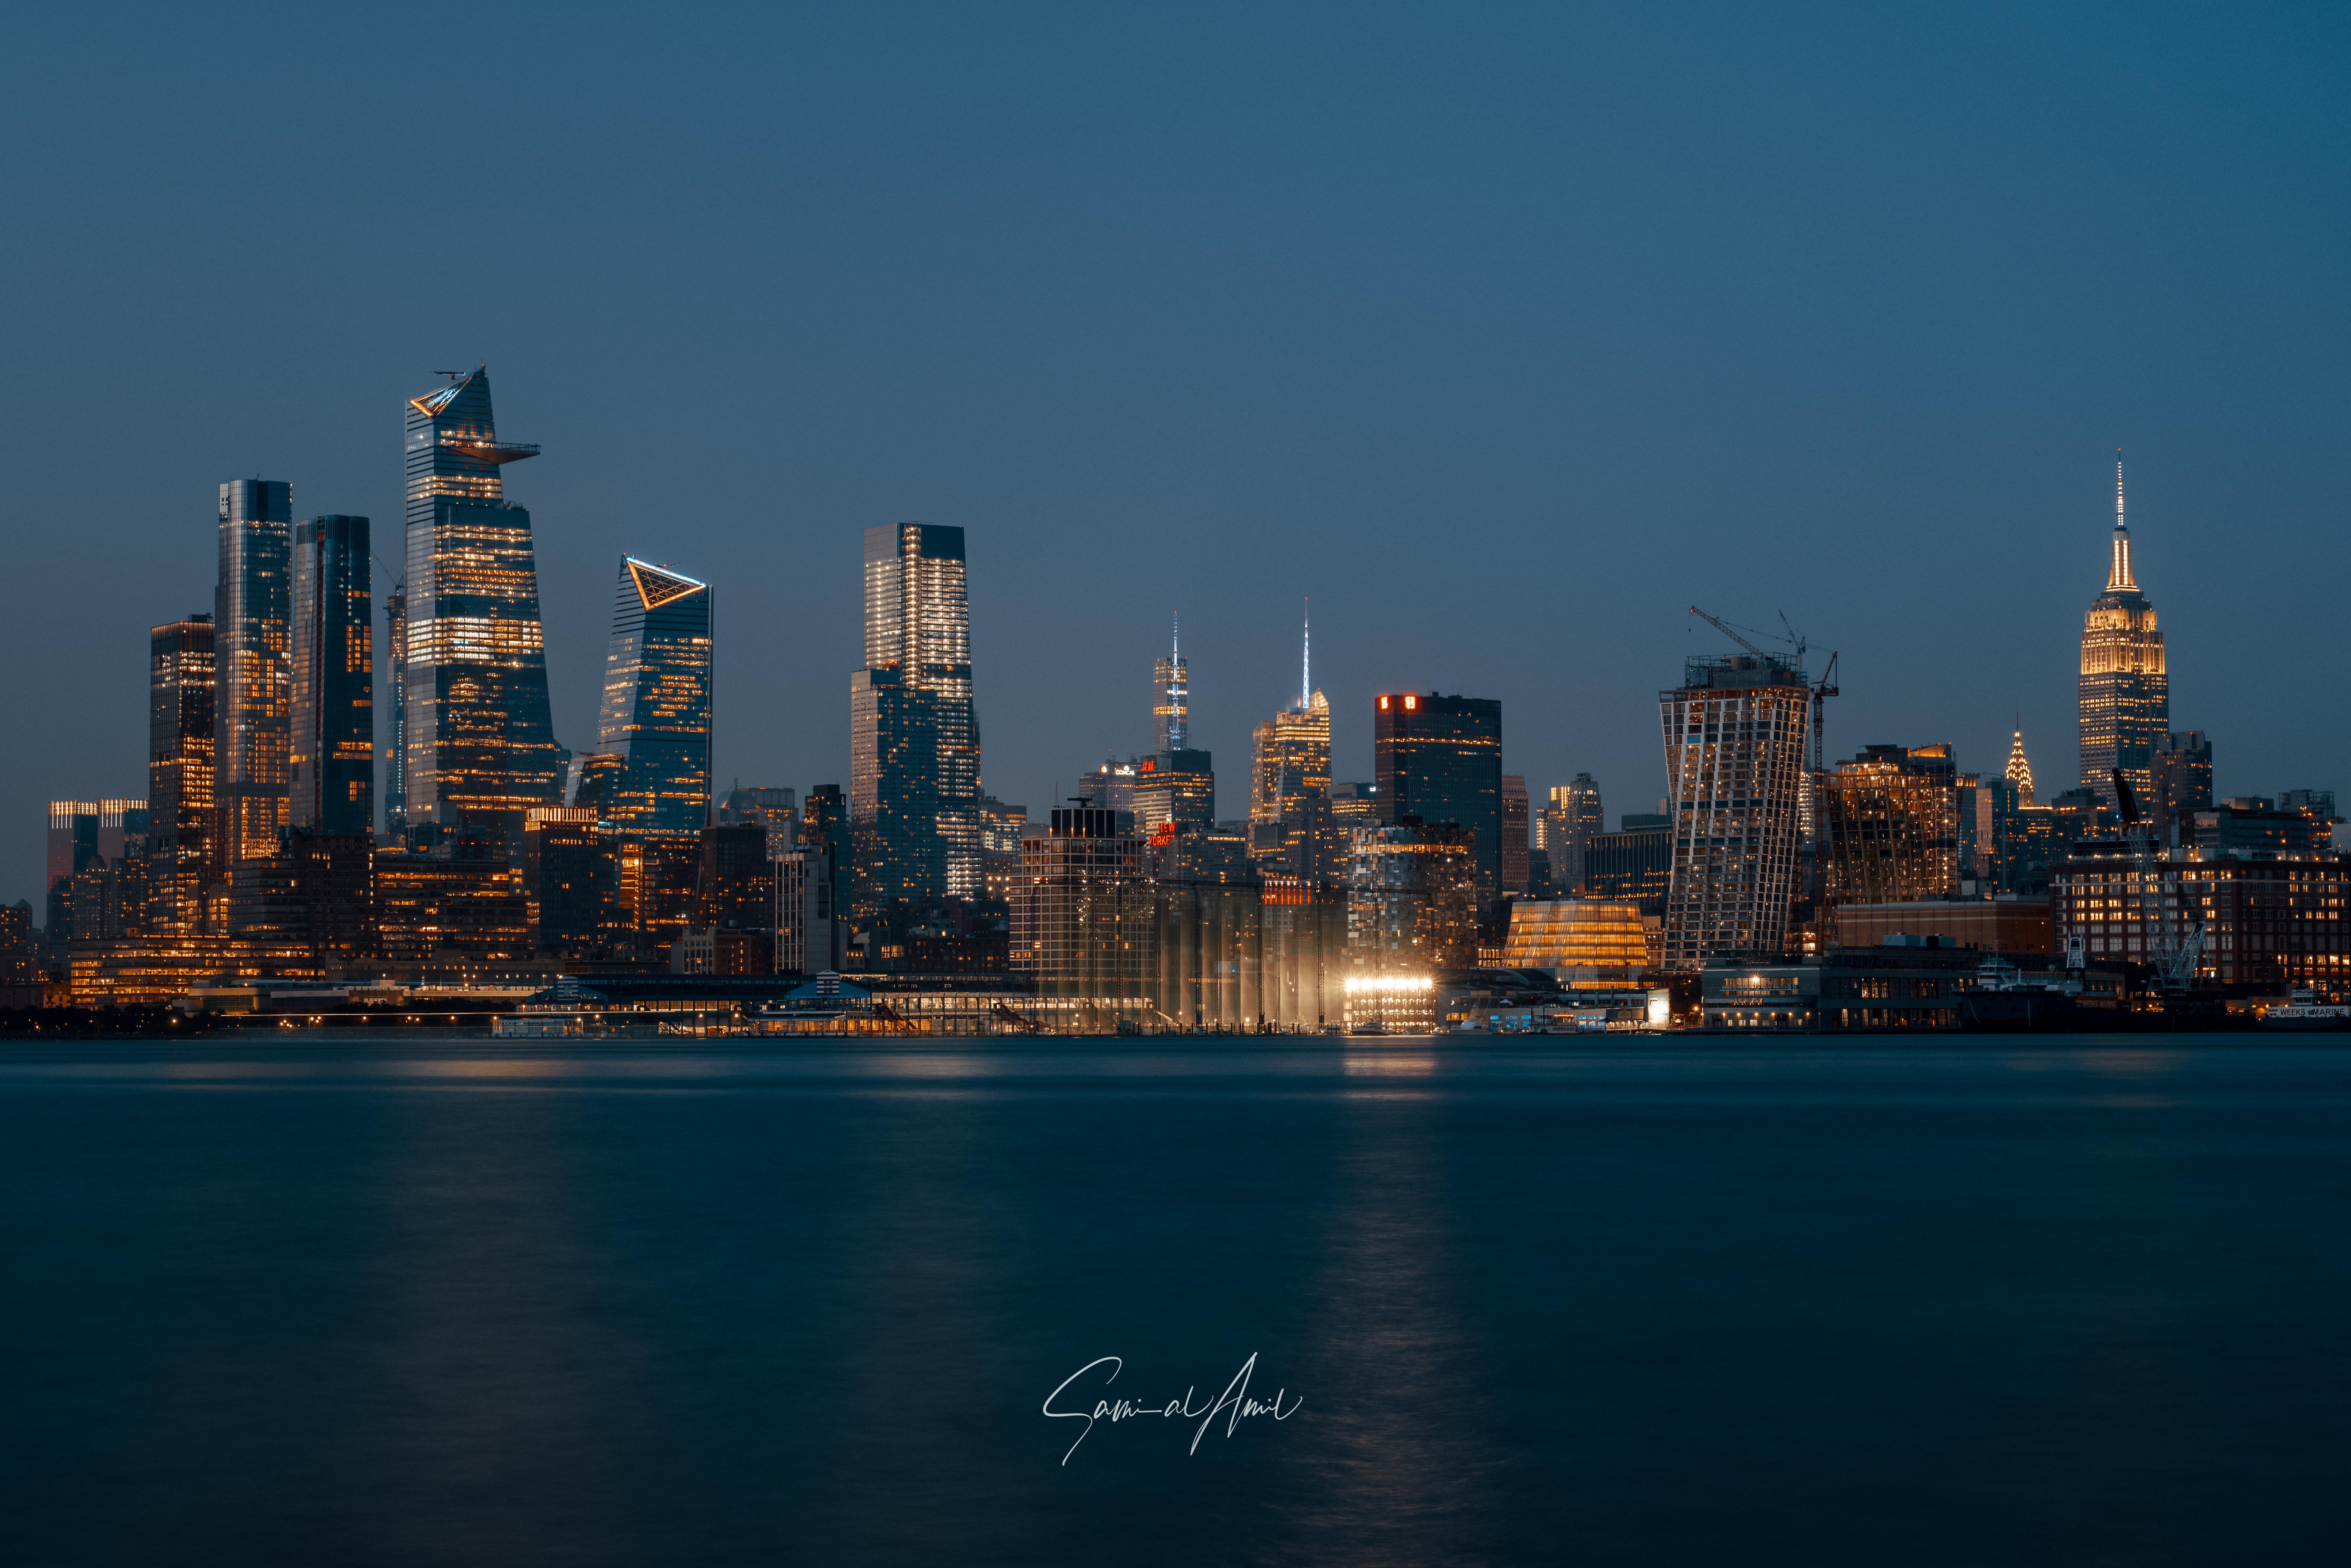 123248 скачать обои Архитектура, Города, Здания, Ночной Город, Панорама, Нью-Йорк - заставки и картинки бесплатно